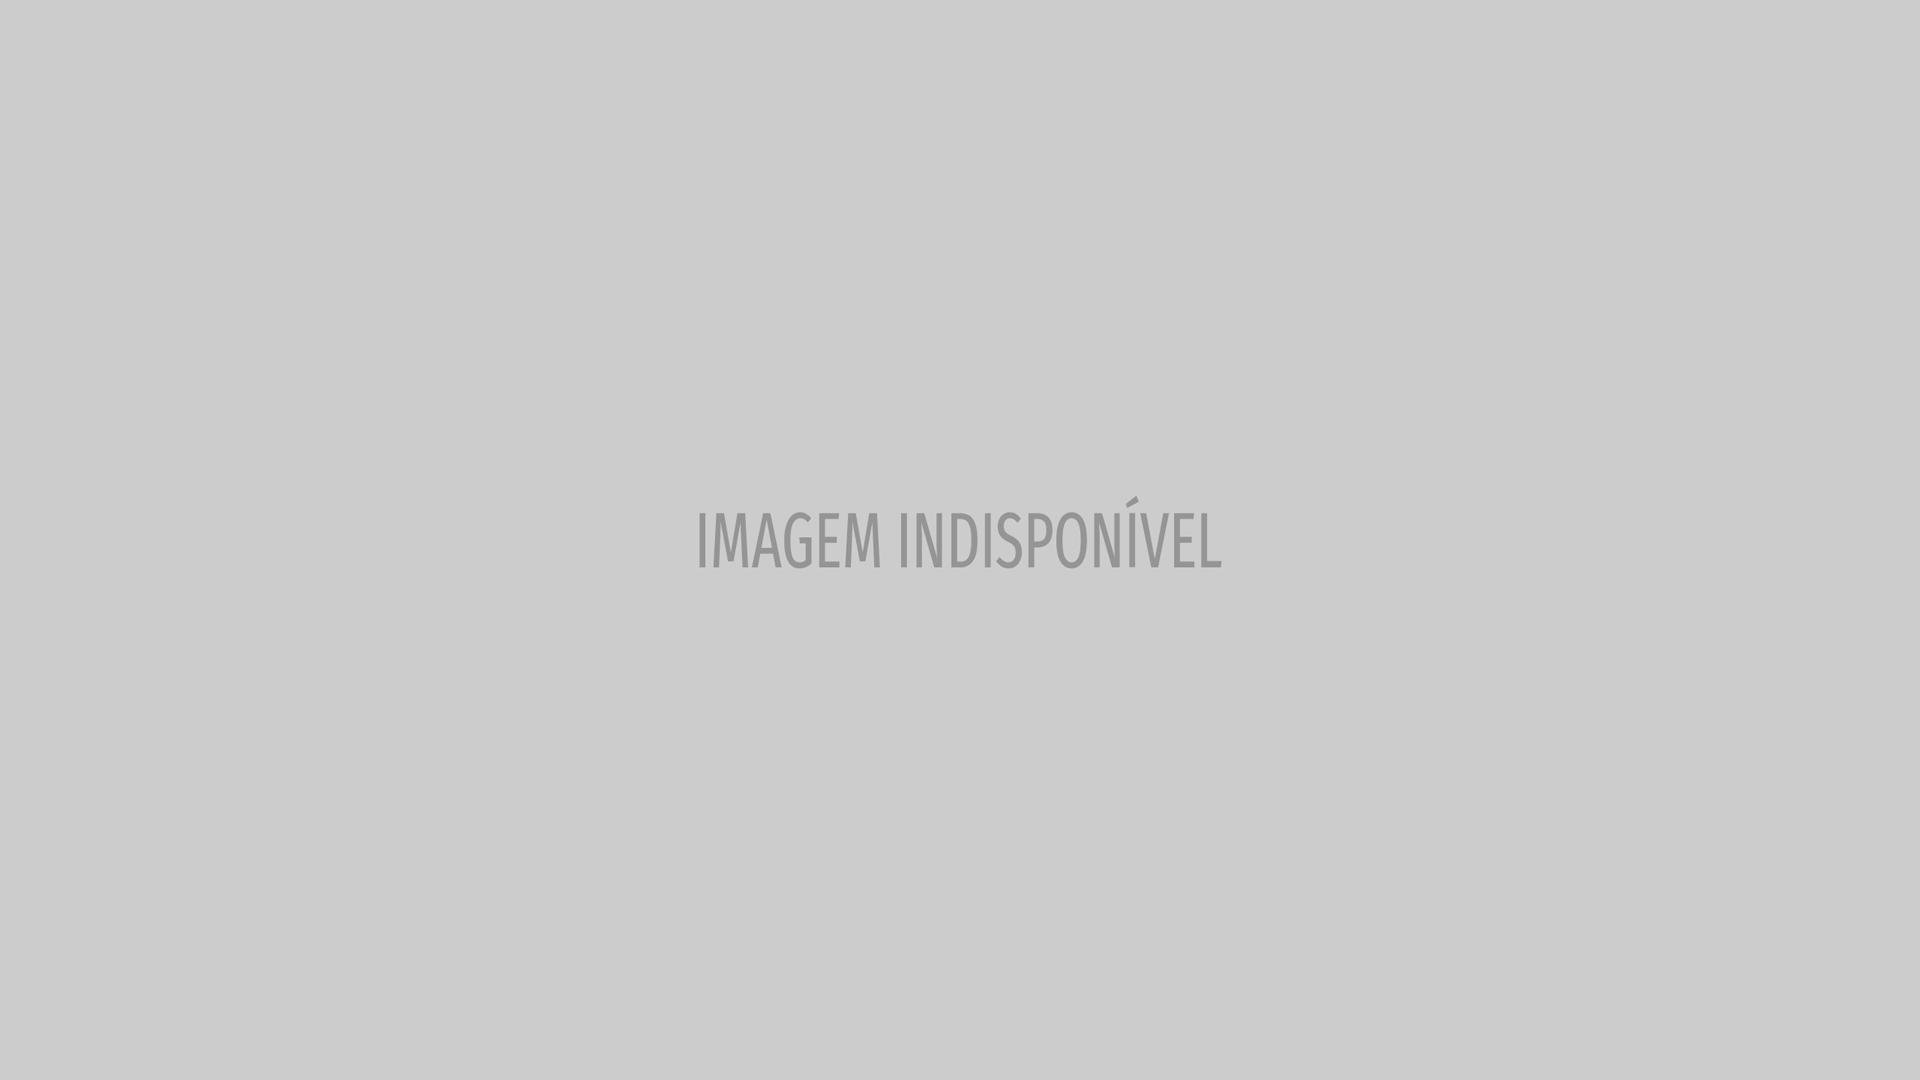 Orgulhoso do seu Instagram? Aqui tem a prova de que não é diferente